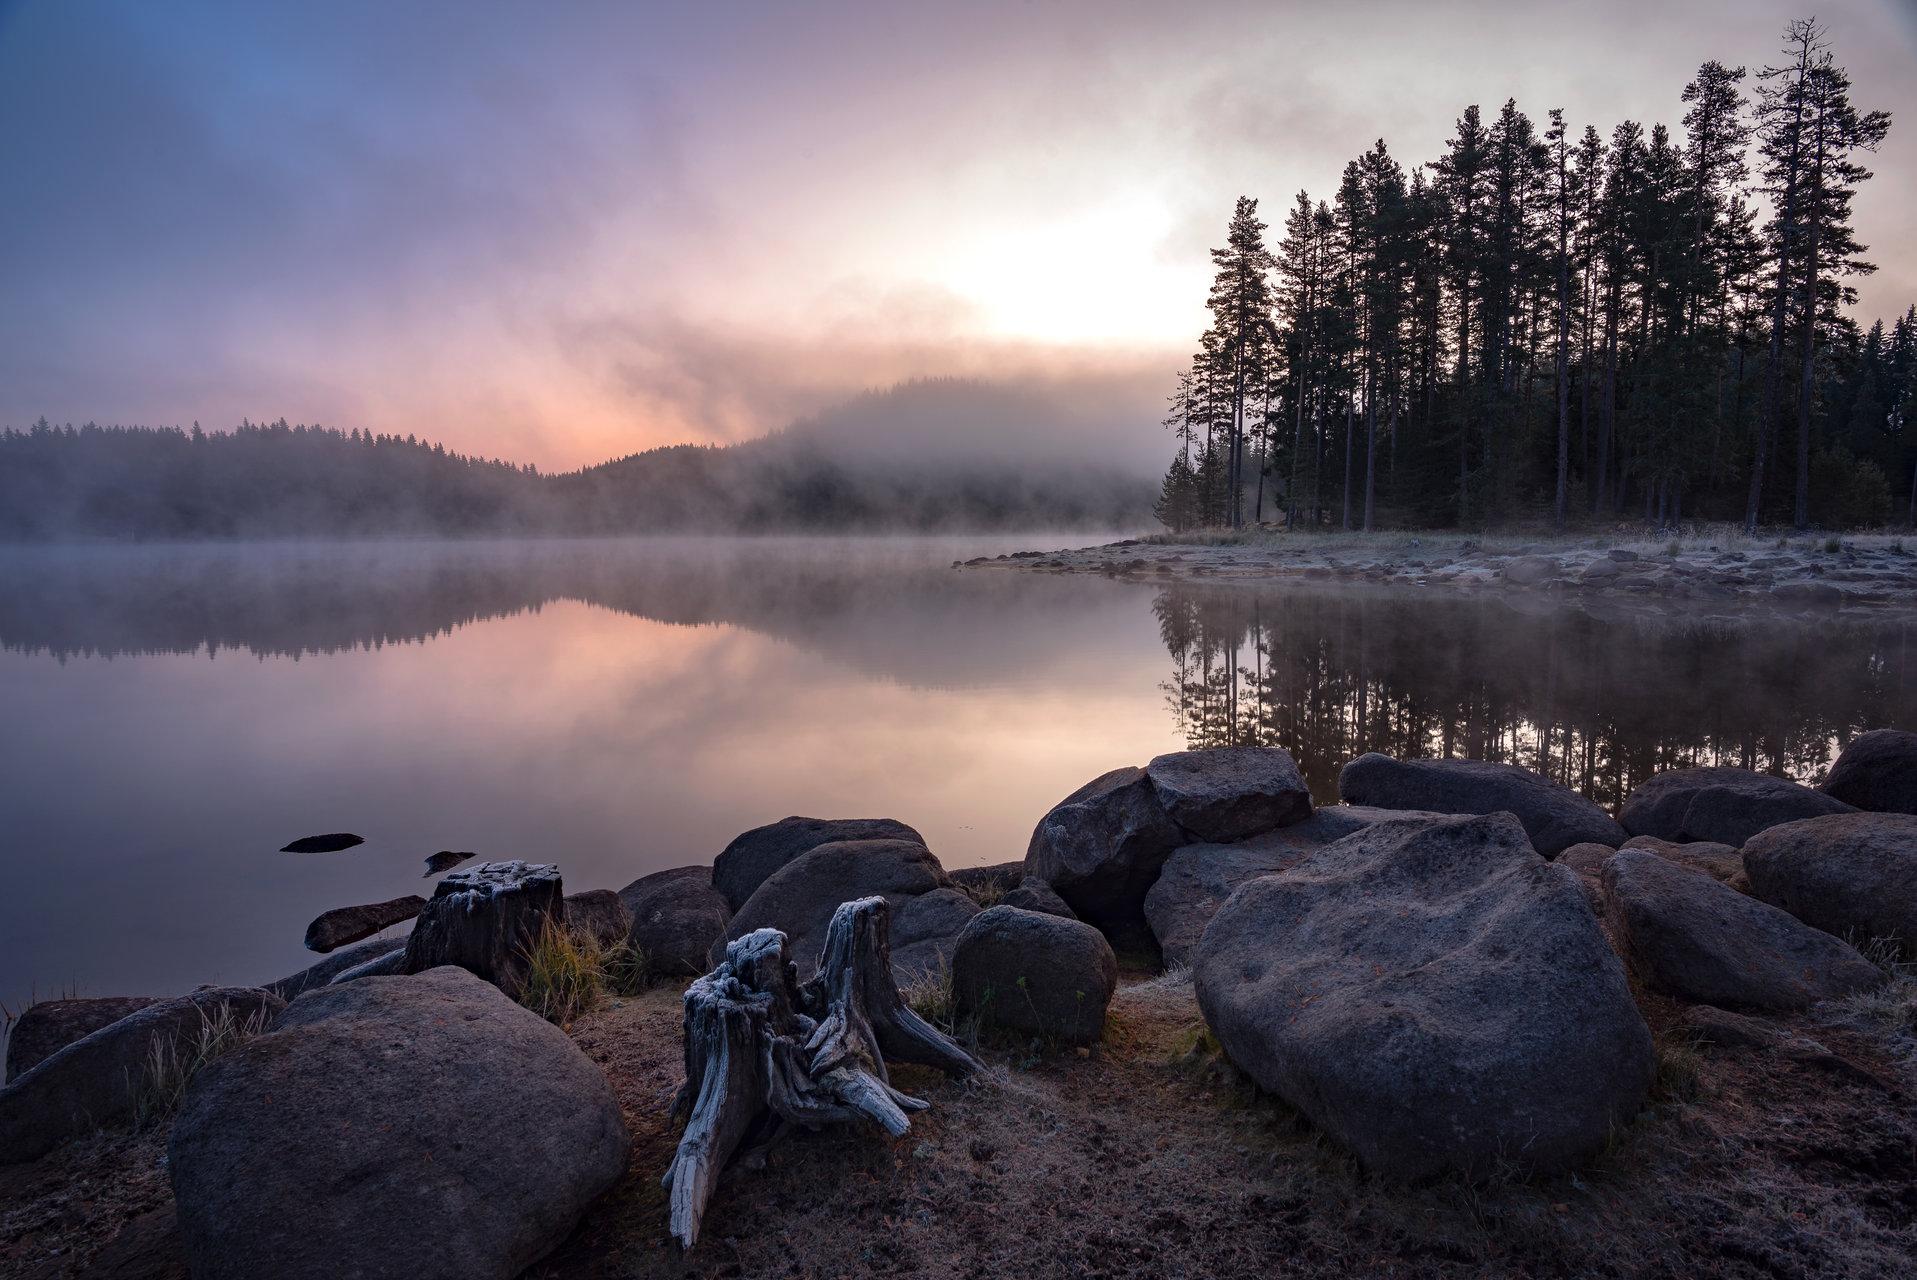 Photo in Landscape | Author Mariyana Atanasova - Lucero | PHOTO FORUM